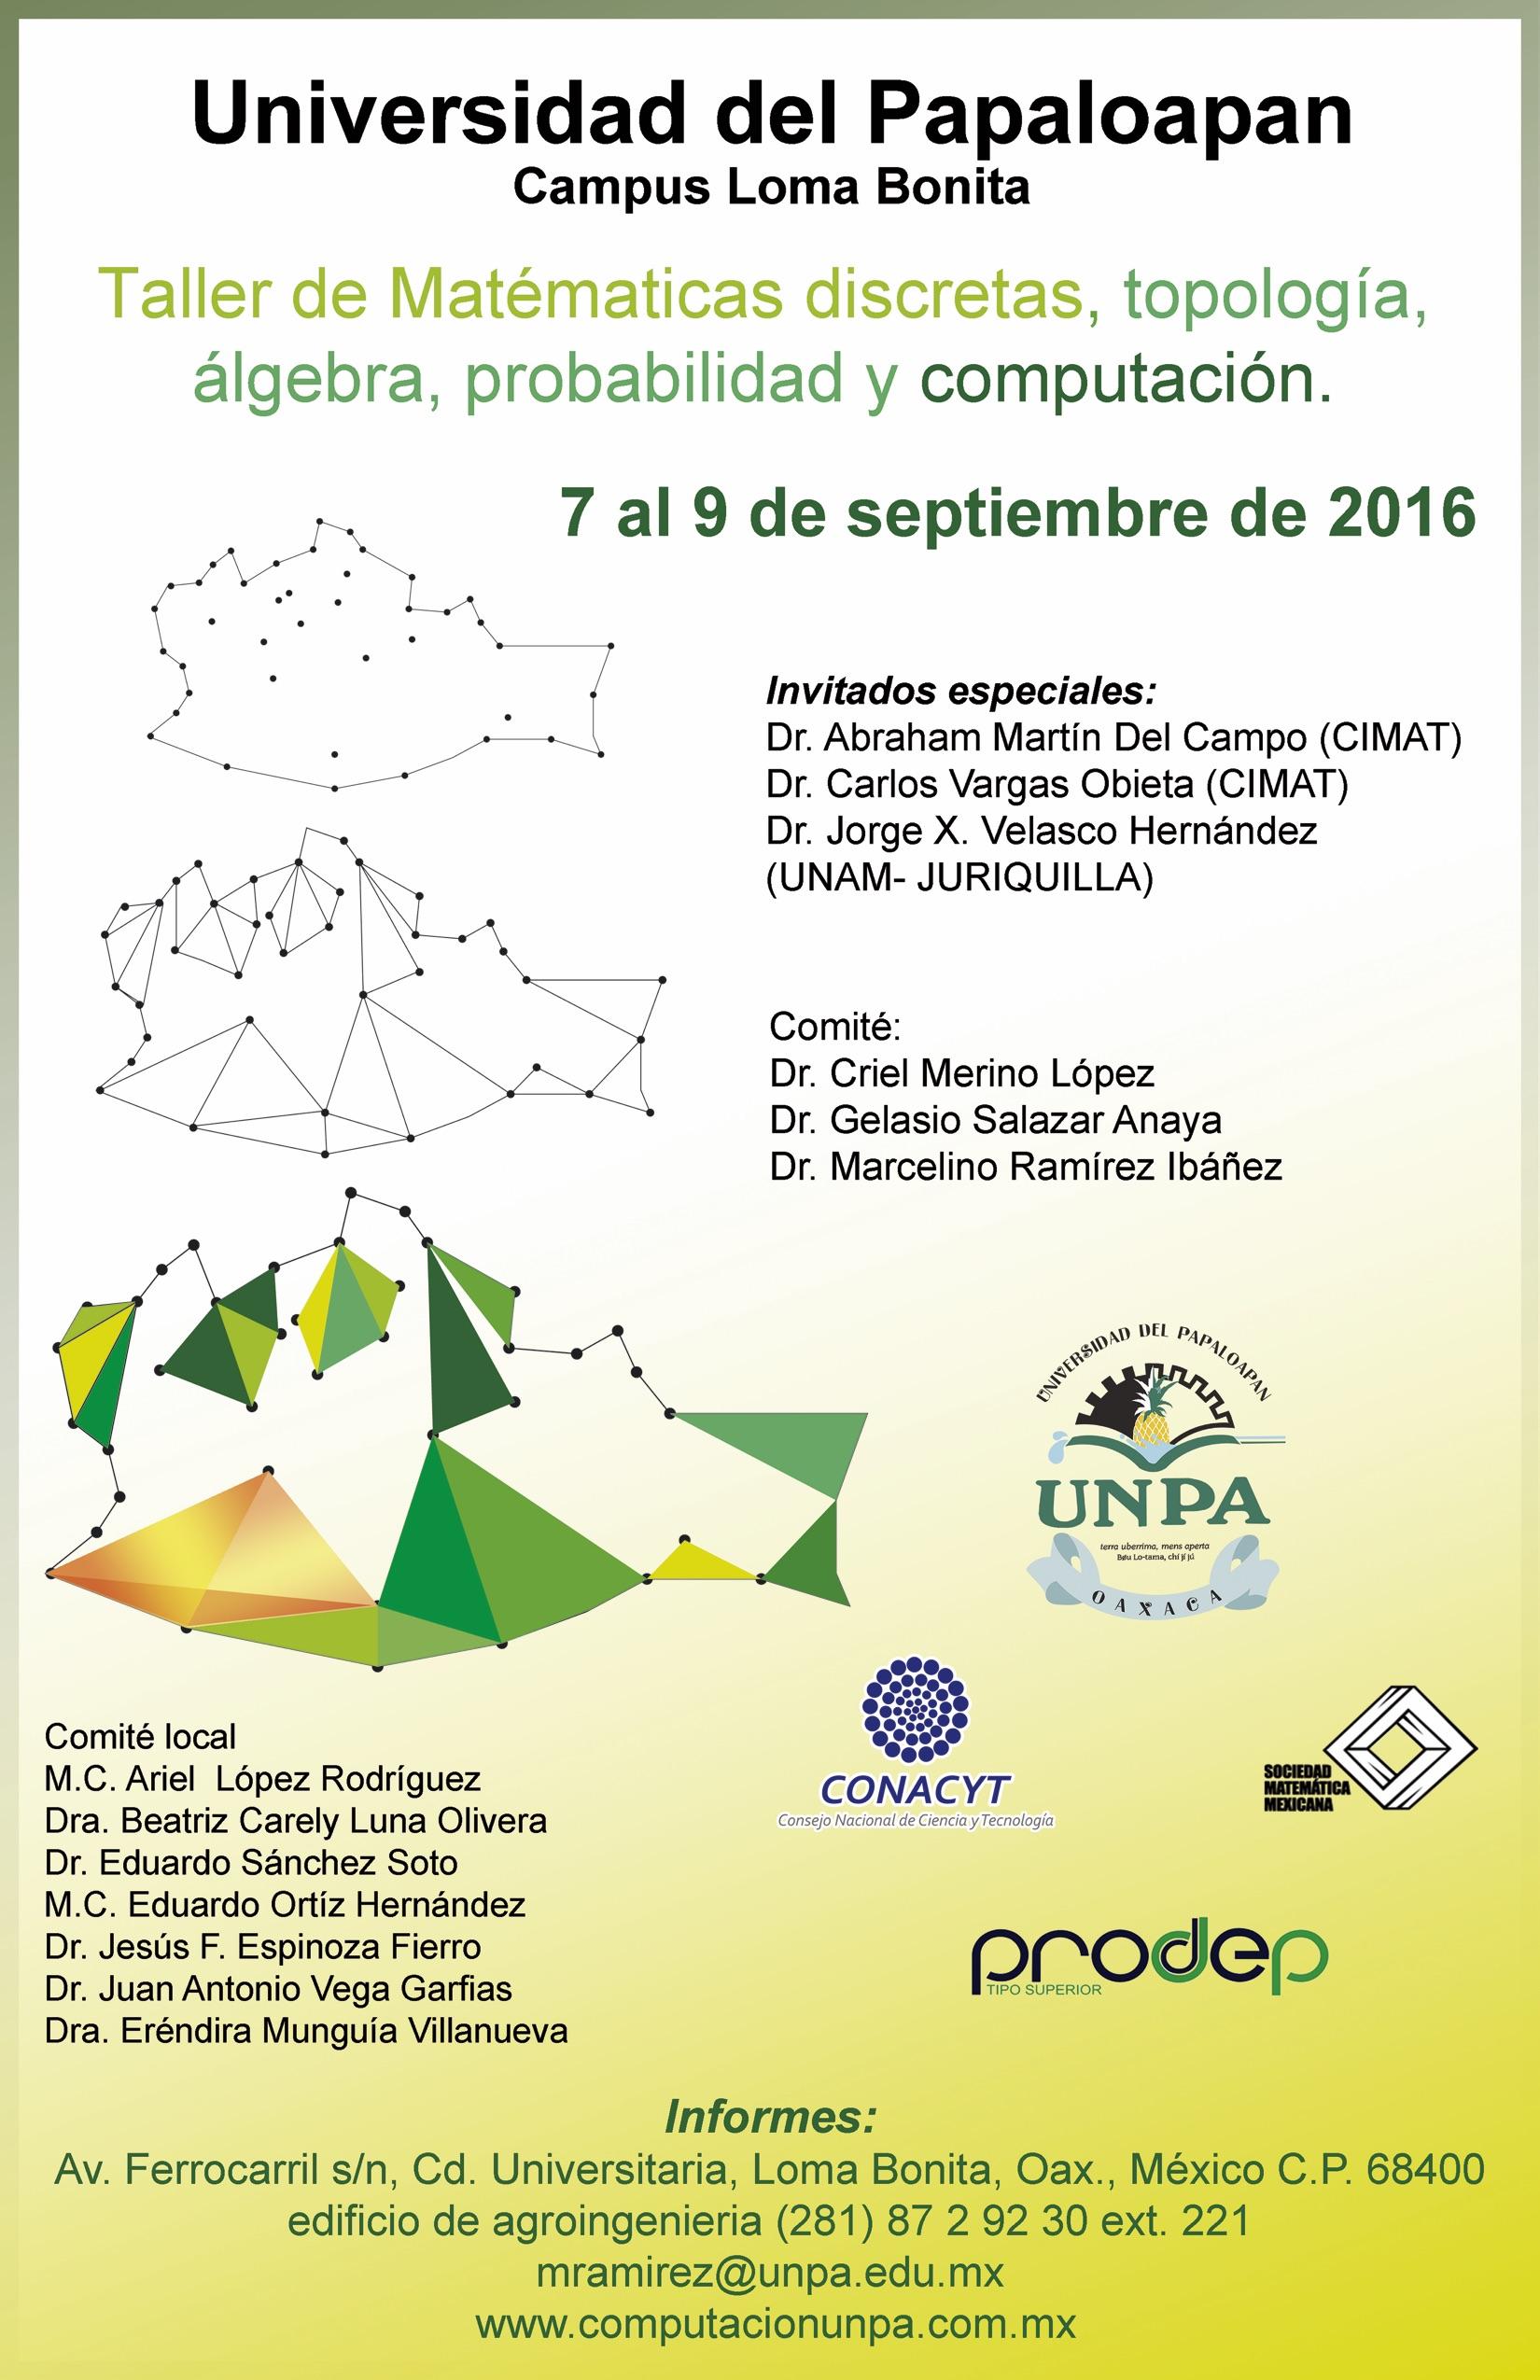 """Se llevará a cabo del 07 al 09 de septiembre de 2016 en la Universidad de Papaloapan, Loma Bonita, Oaxaca. <br/> <a href=""""http://computacionunpa.com.mx/""""> http://computacionunpa.com.mx/ </a>"""